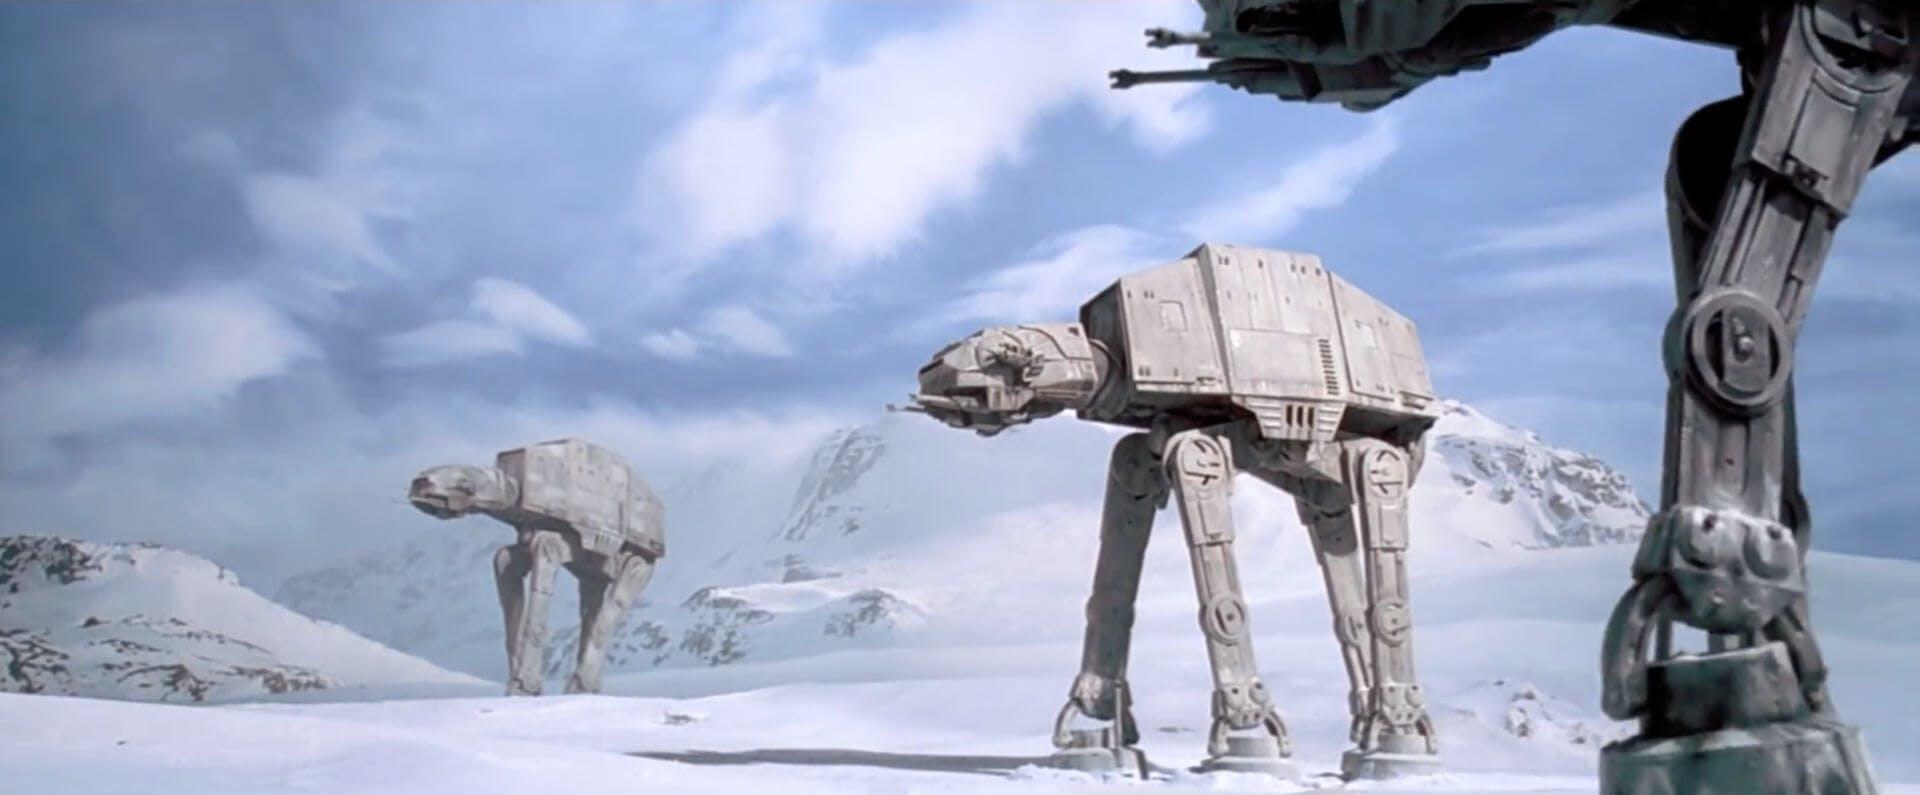 Empire Strikes Back - AT-AT star wars movies